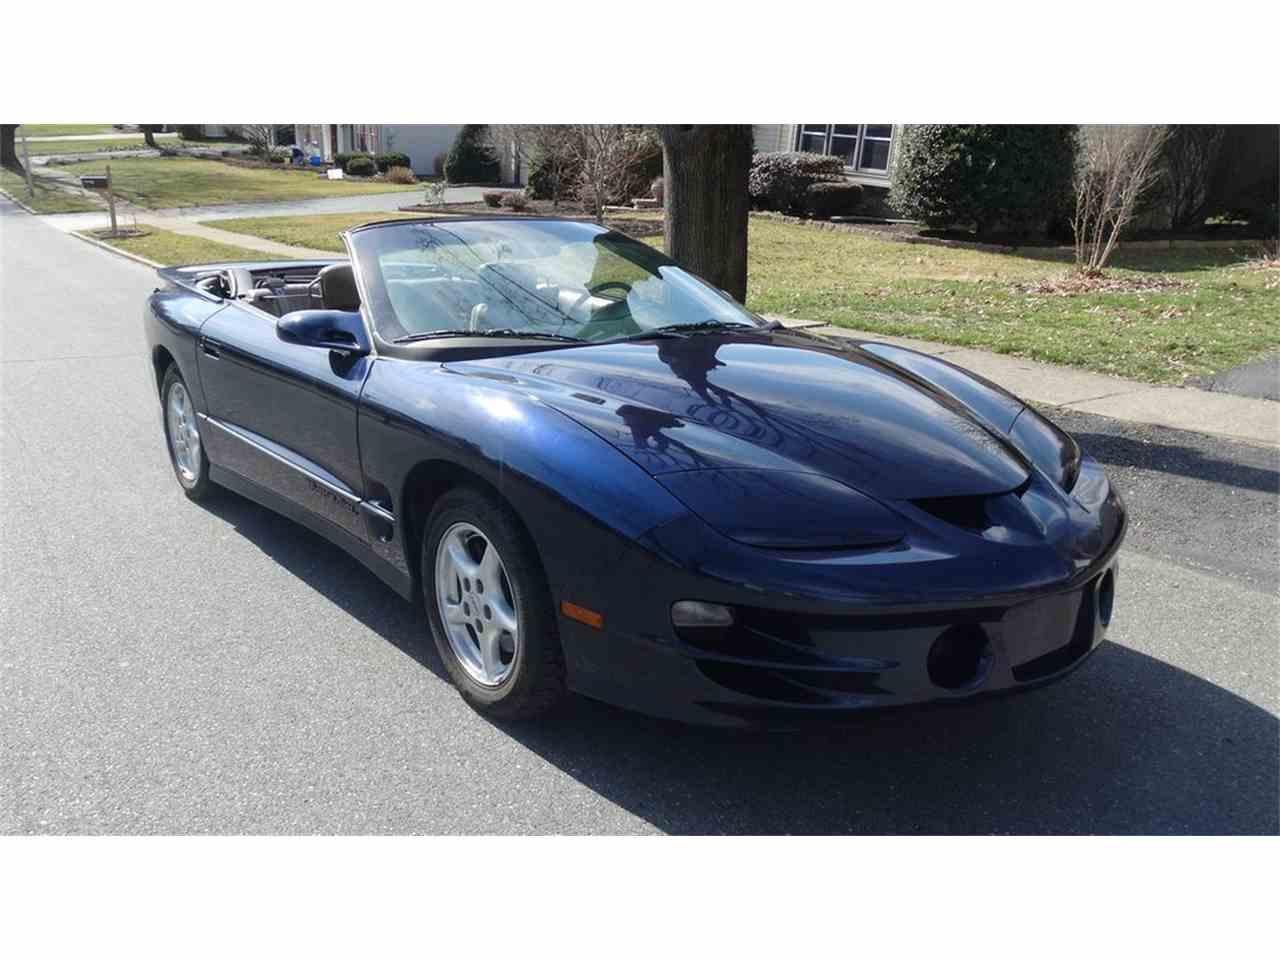 2001 Pontiac Firebird Trans Am for Sale   ClassicCars.com   CC-1094978